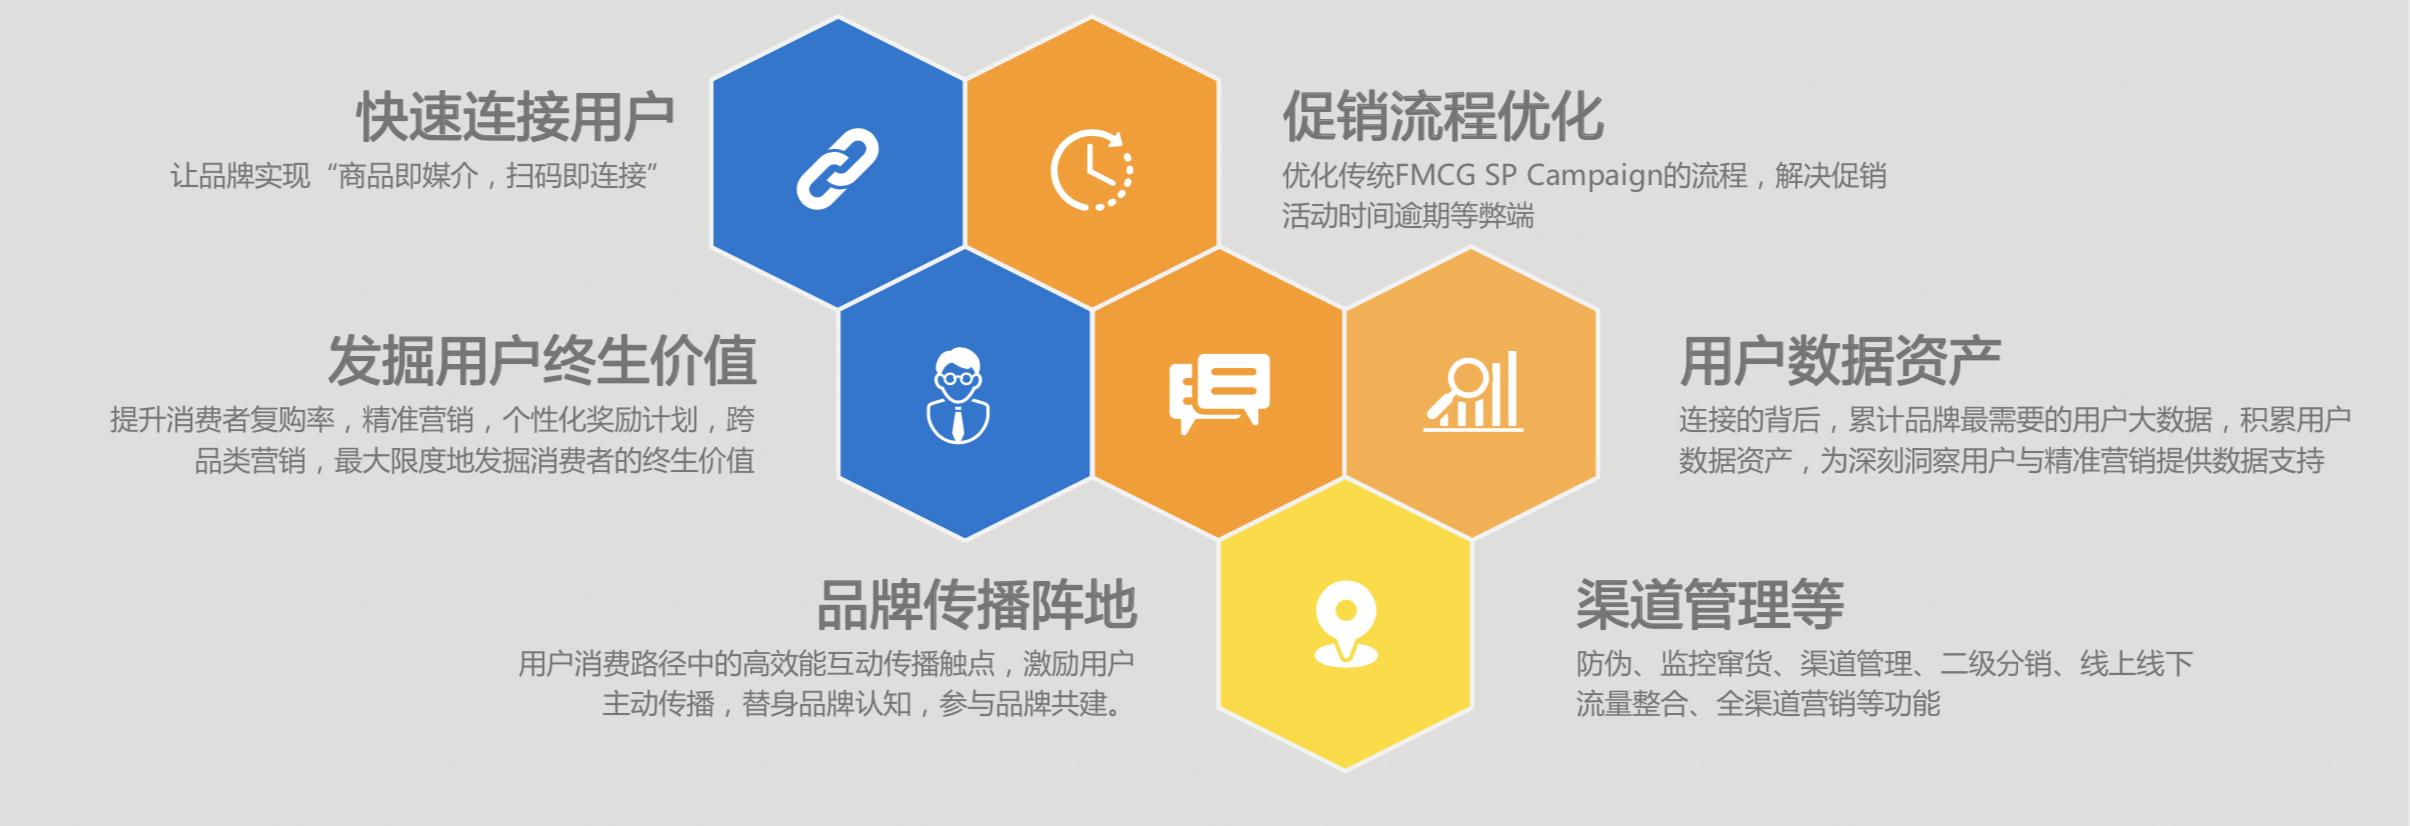 品胜云码:打造企业从产品到用户的全渠道连接能力